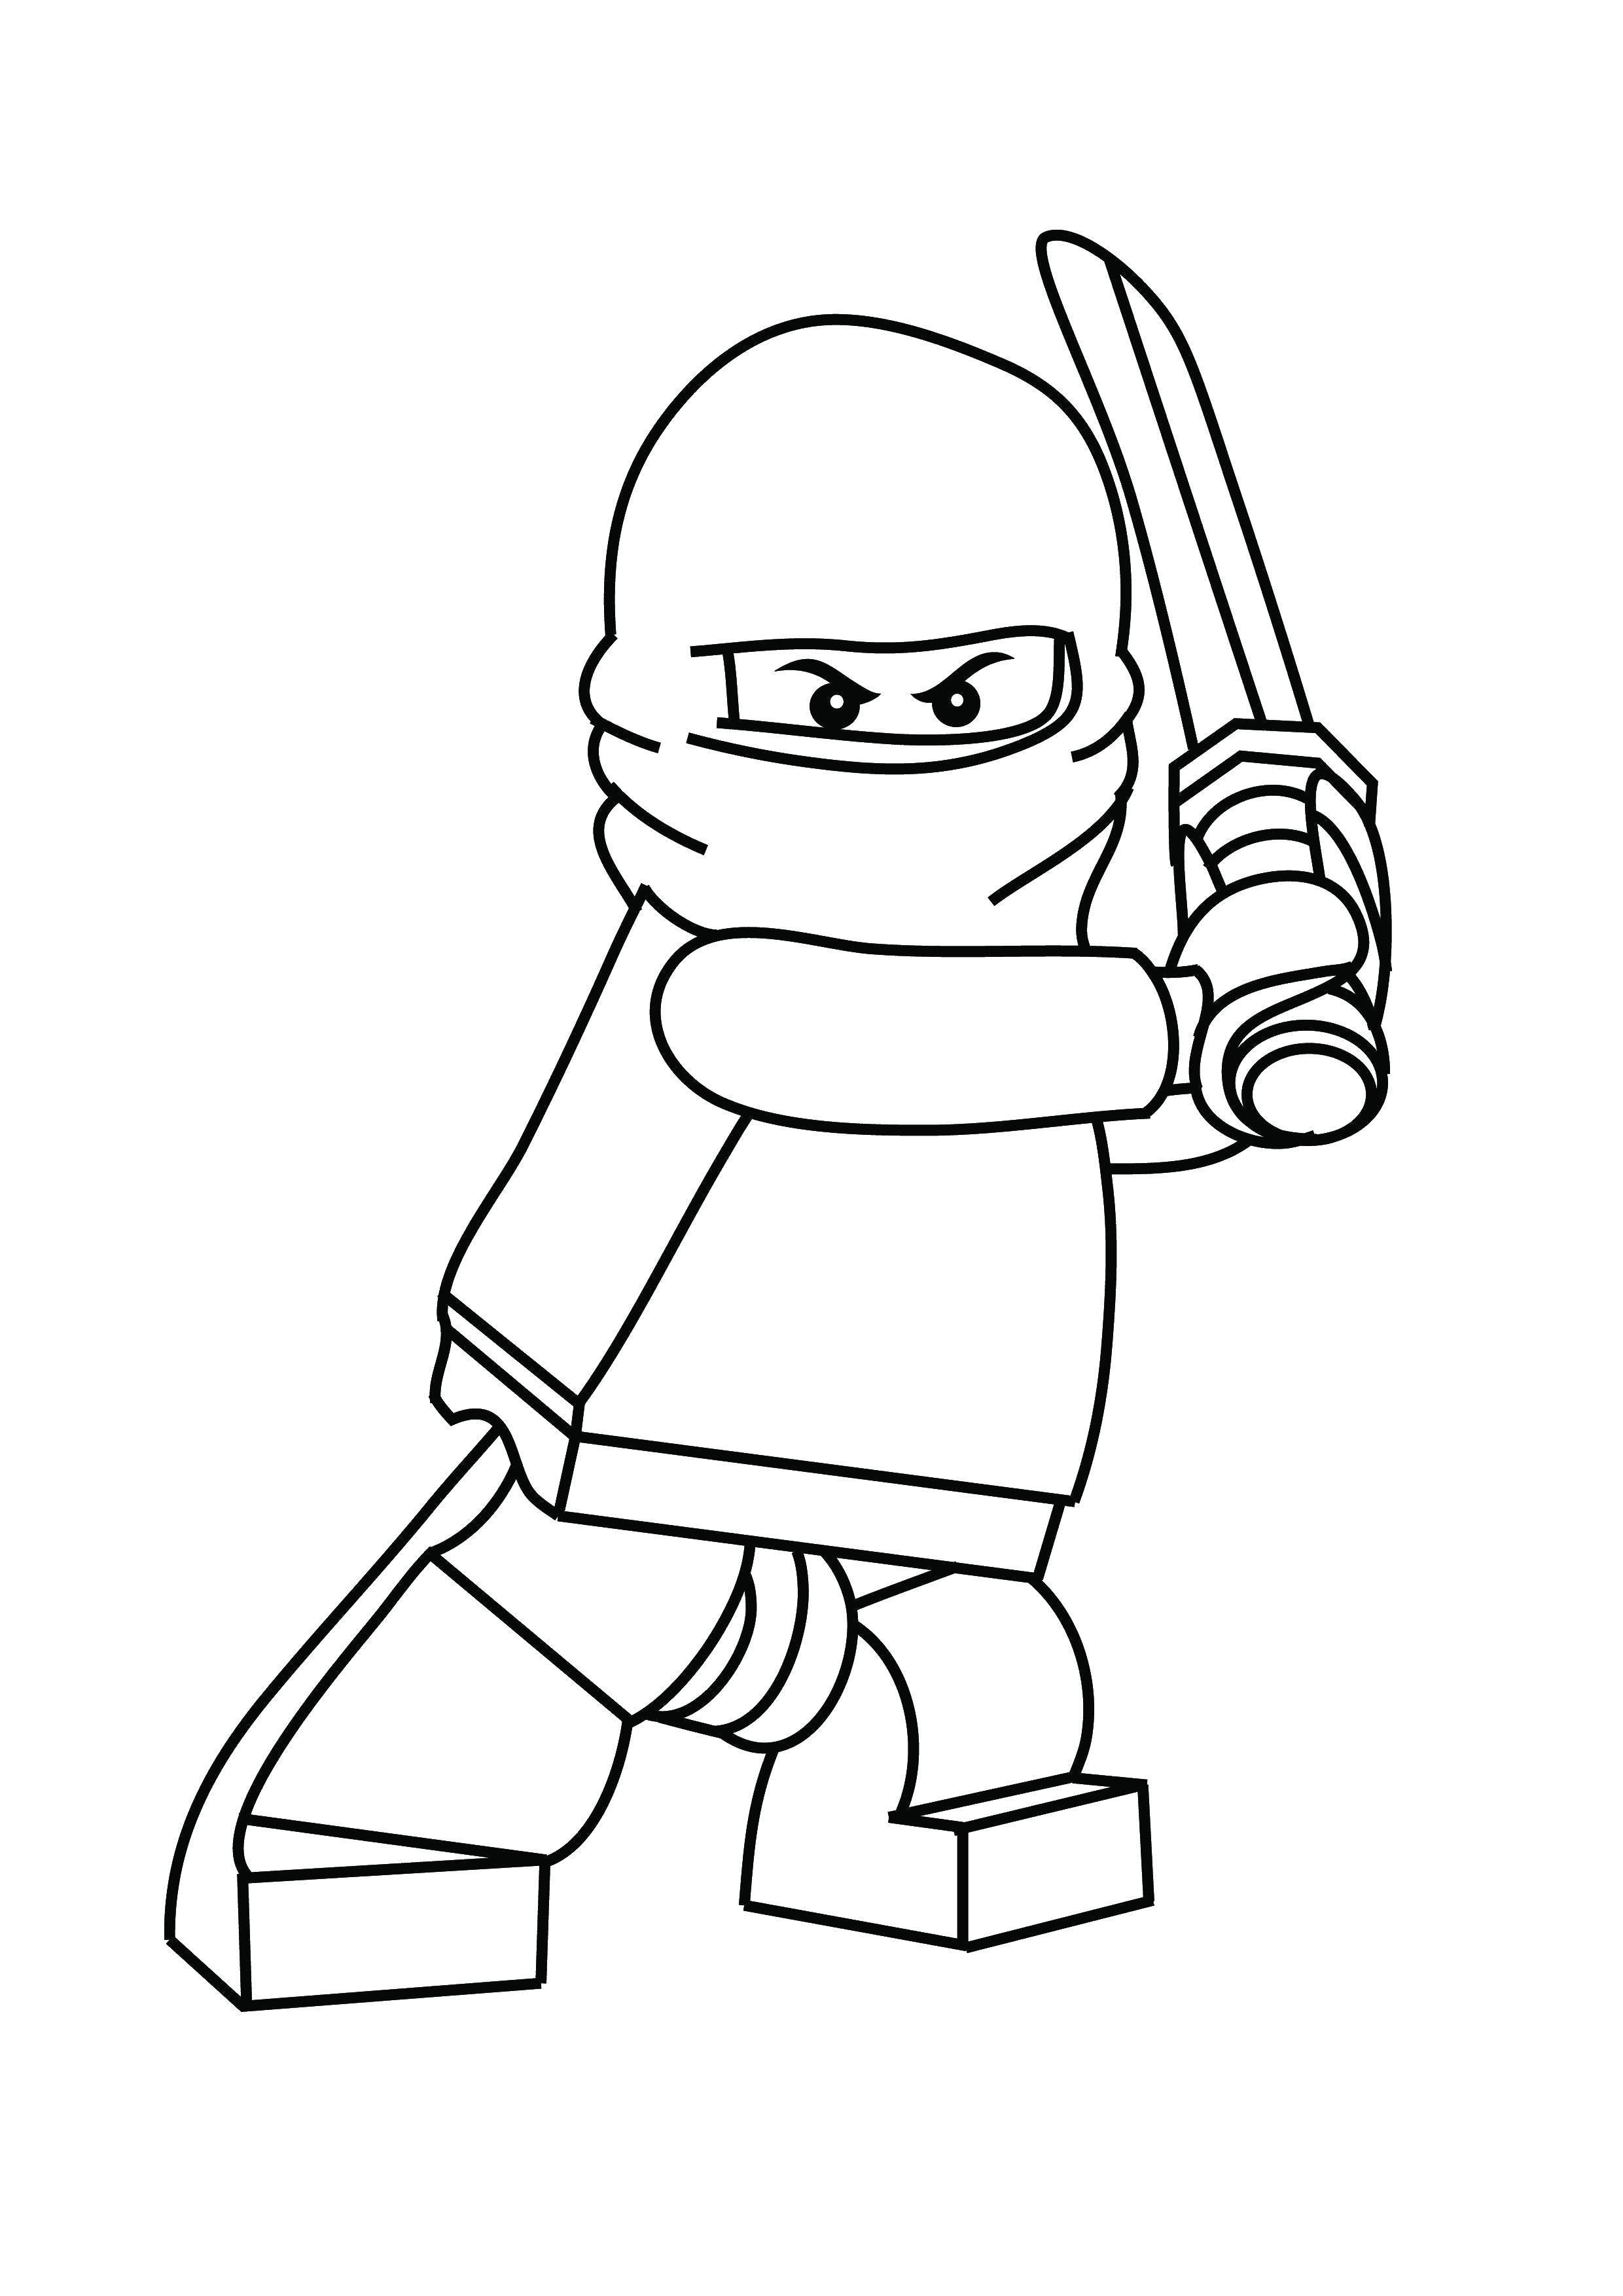 Раскраска Лего ниндзя с мечом Скачать лего, ниндзя, .  Распечатать ,Лего,